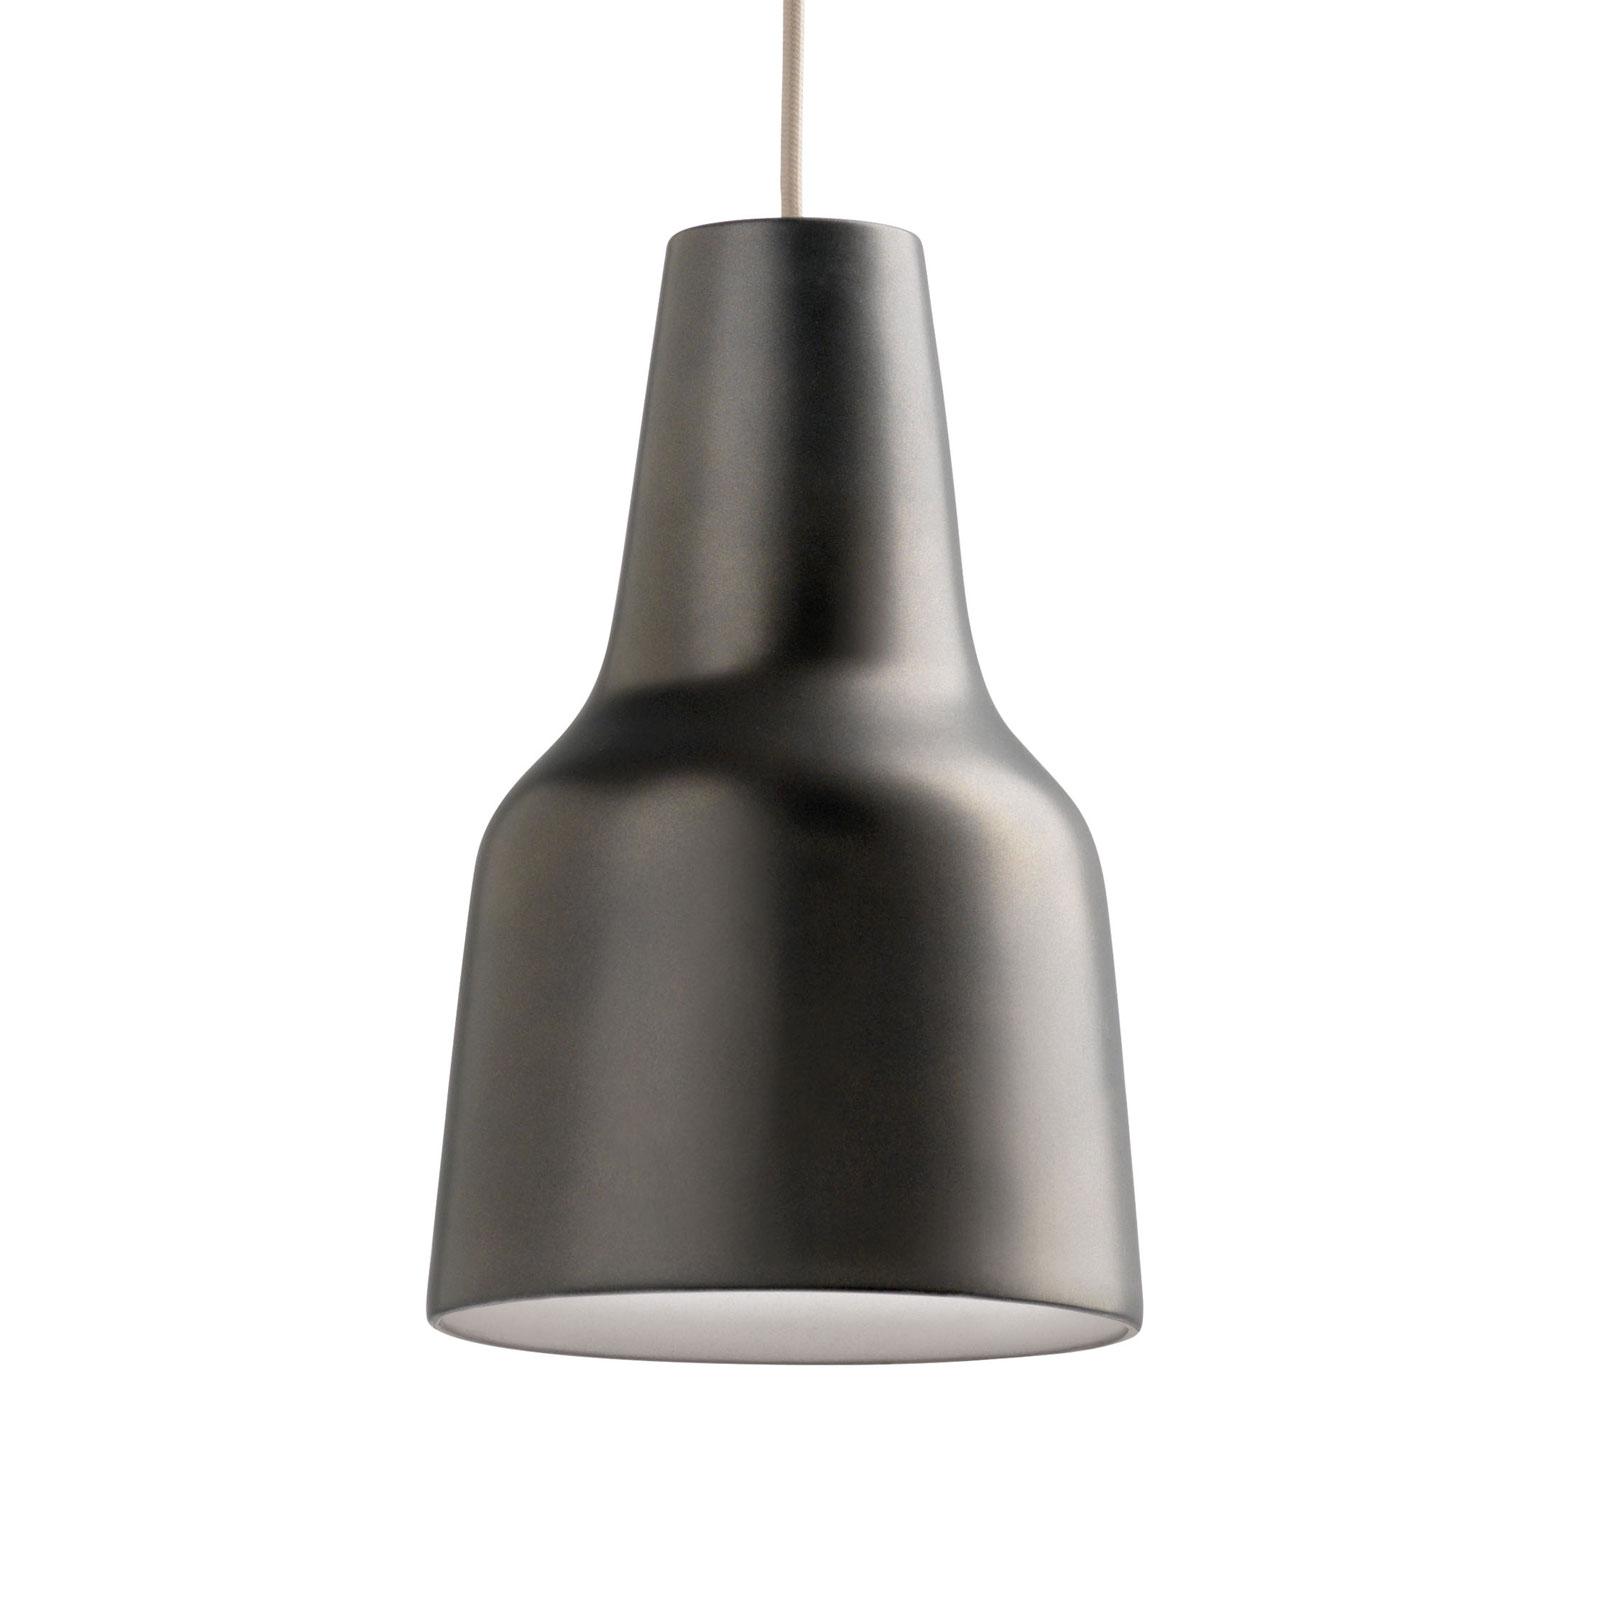 Modo Luce Eva lampa wisząca Ø 38 cm ciemnobrązowa